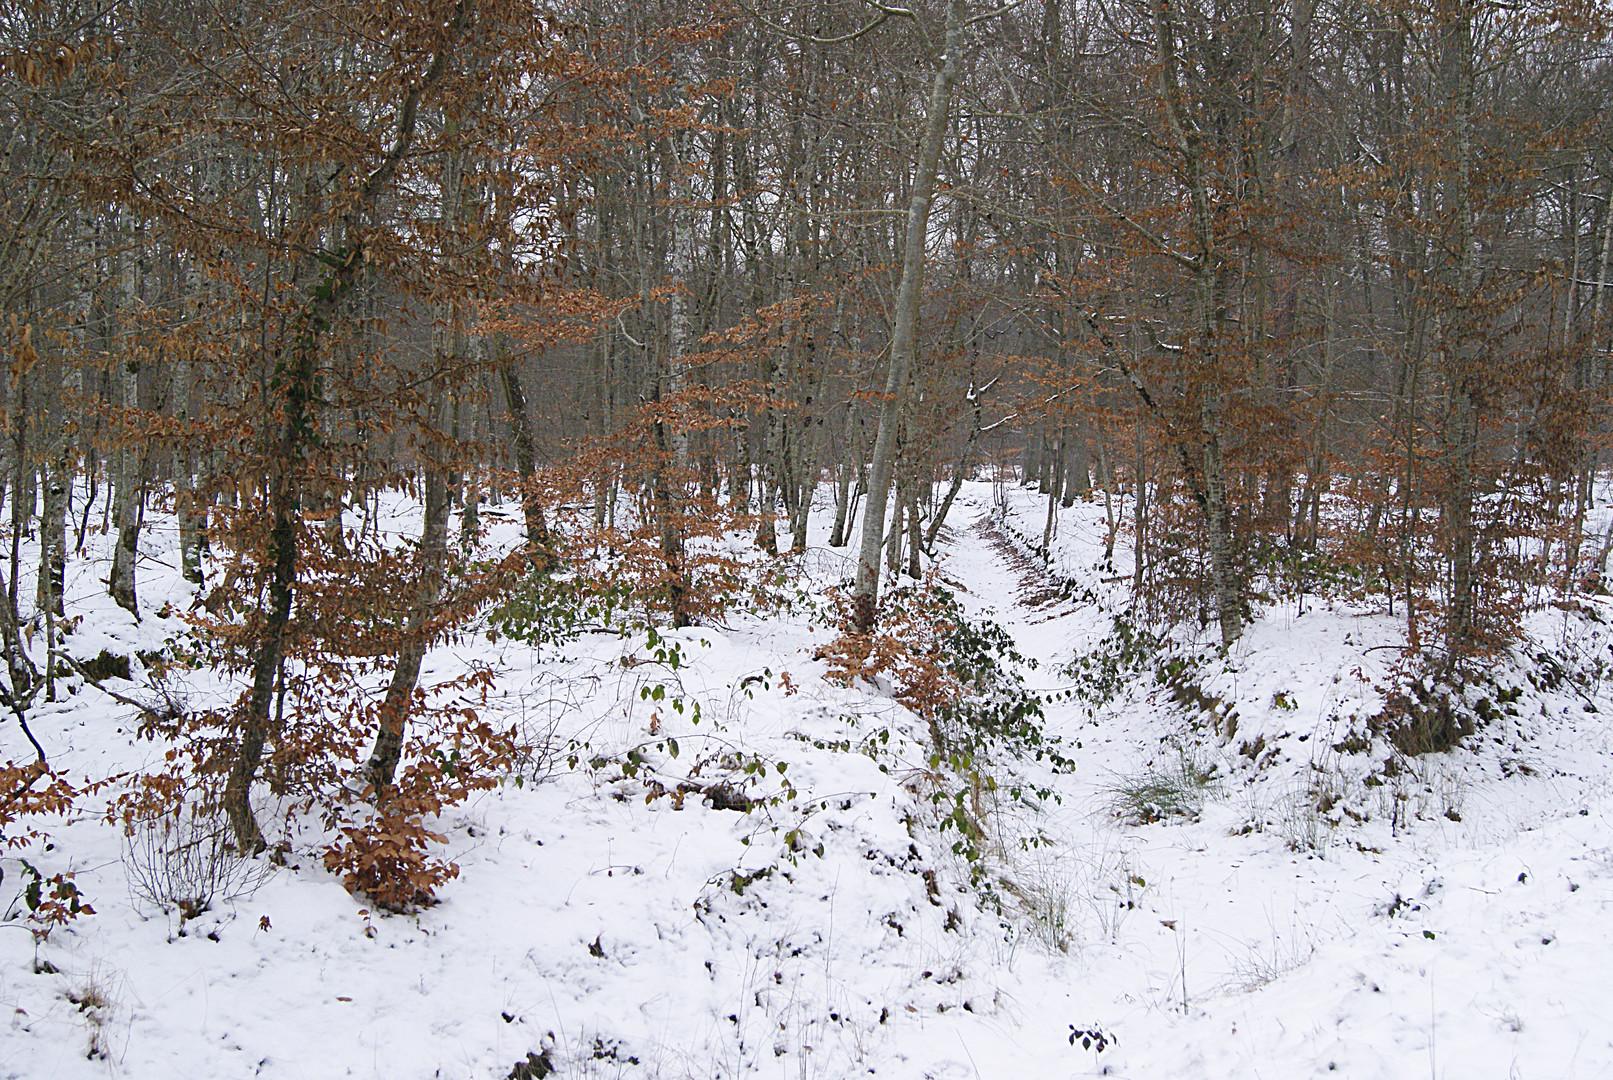 un ambiance hivernale, forêt de fontaine bleau